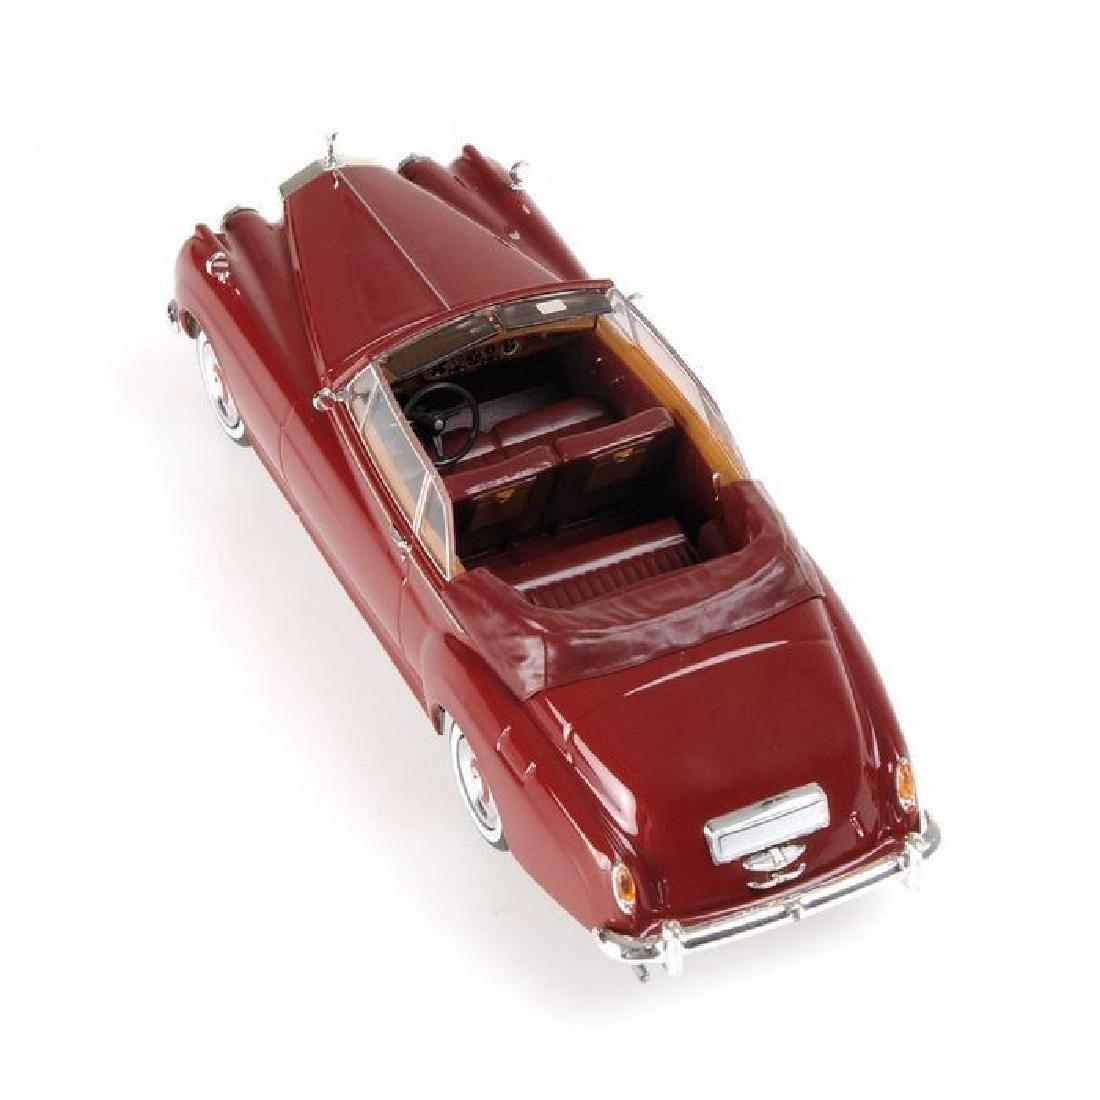 Minichamps 1:43 Rolls-Royce Silver Cloud II Cabriolet - 7